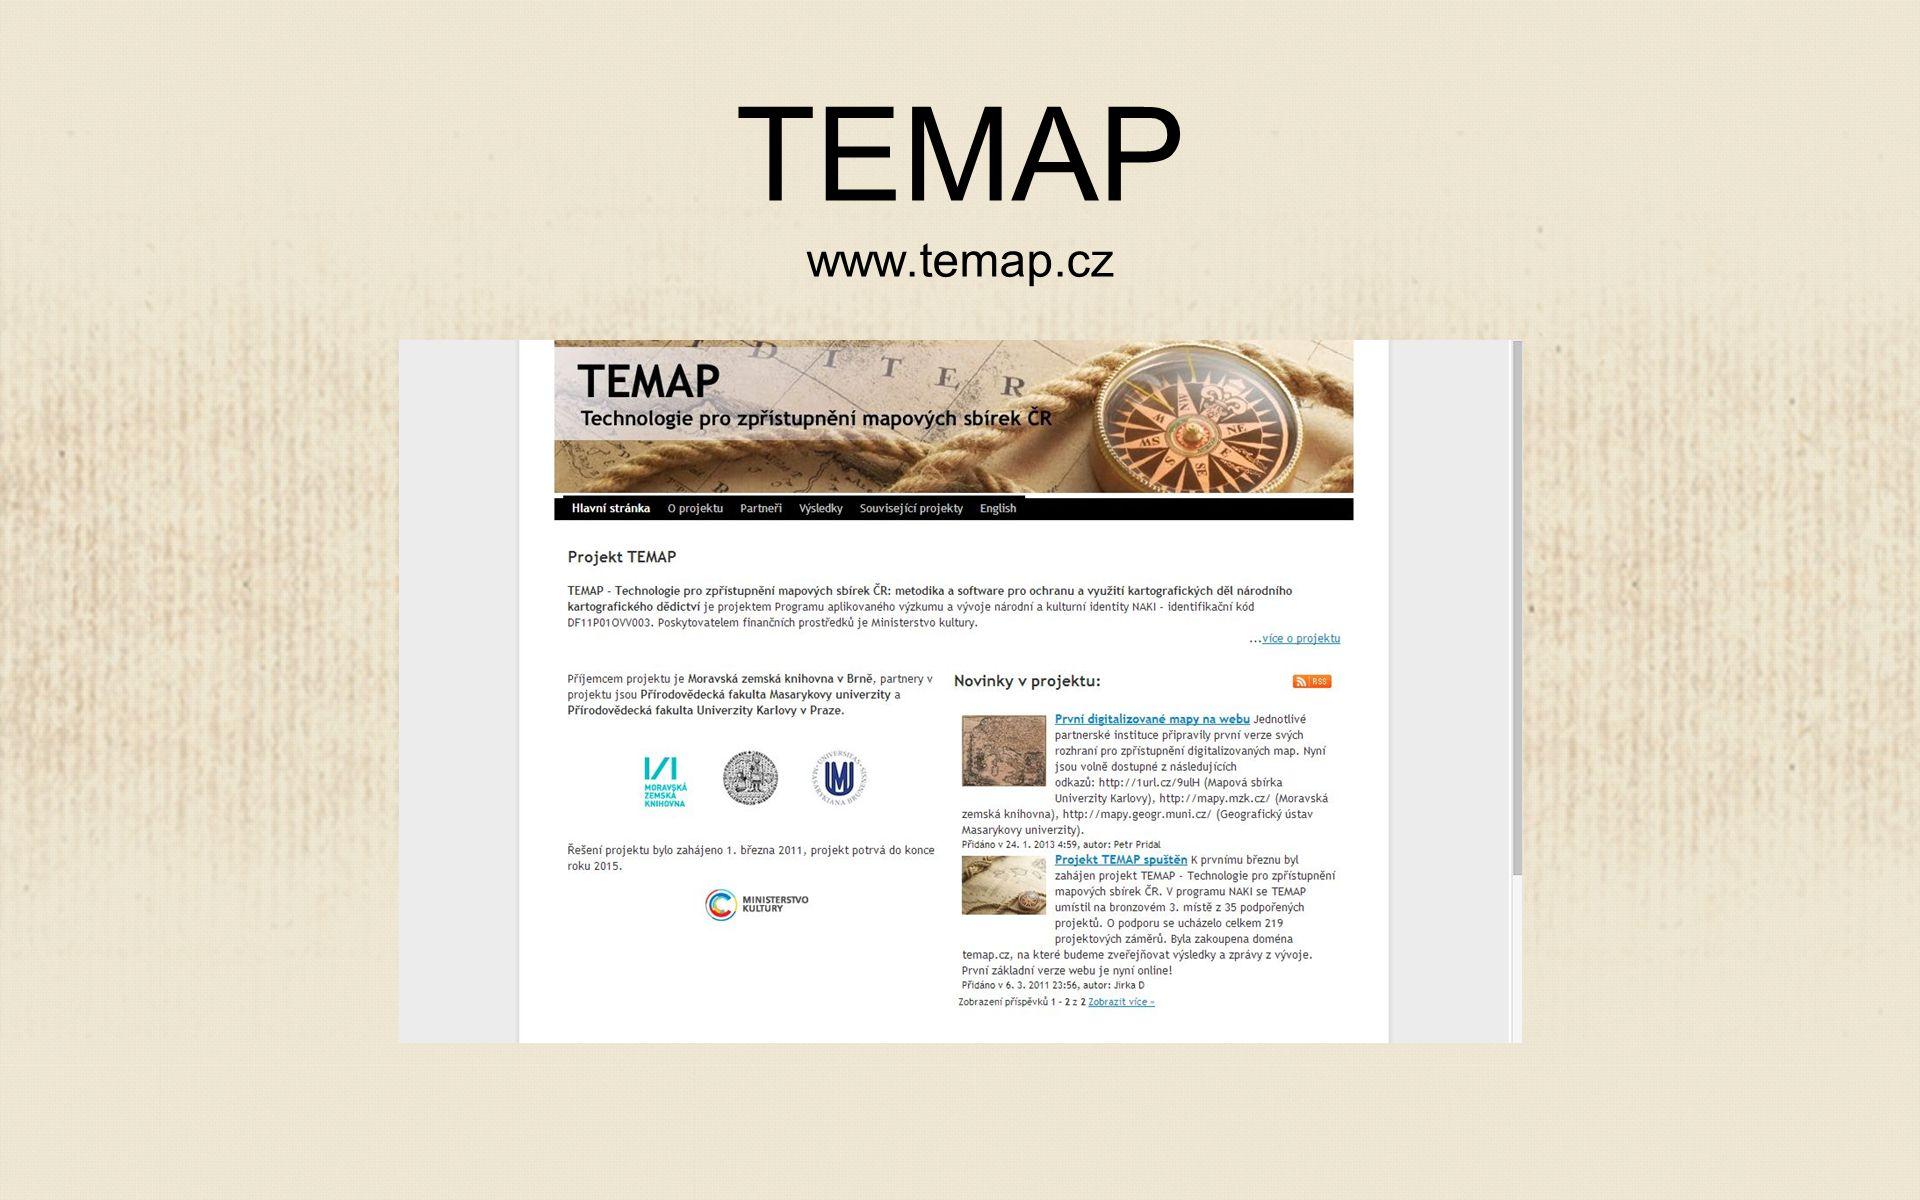 TEMAP www.temap.cz